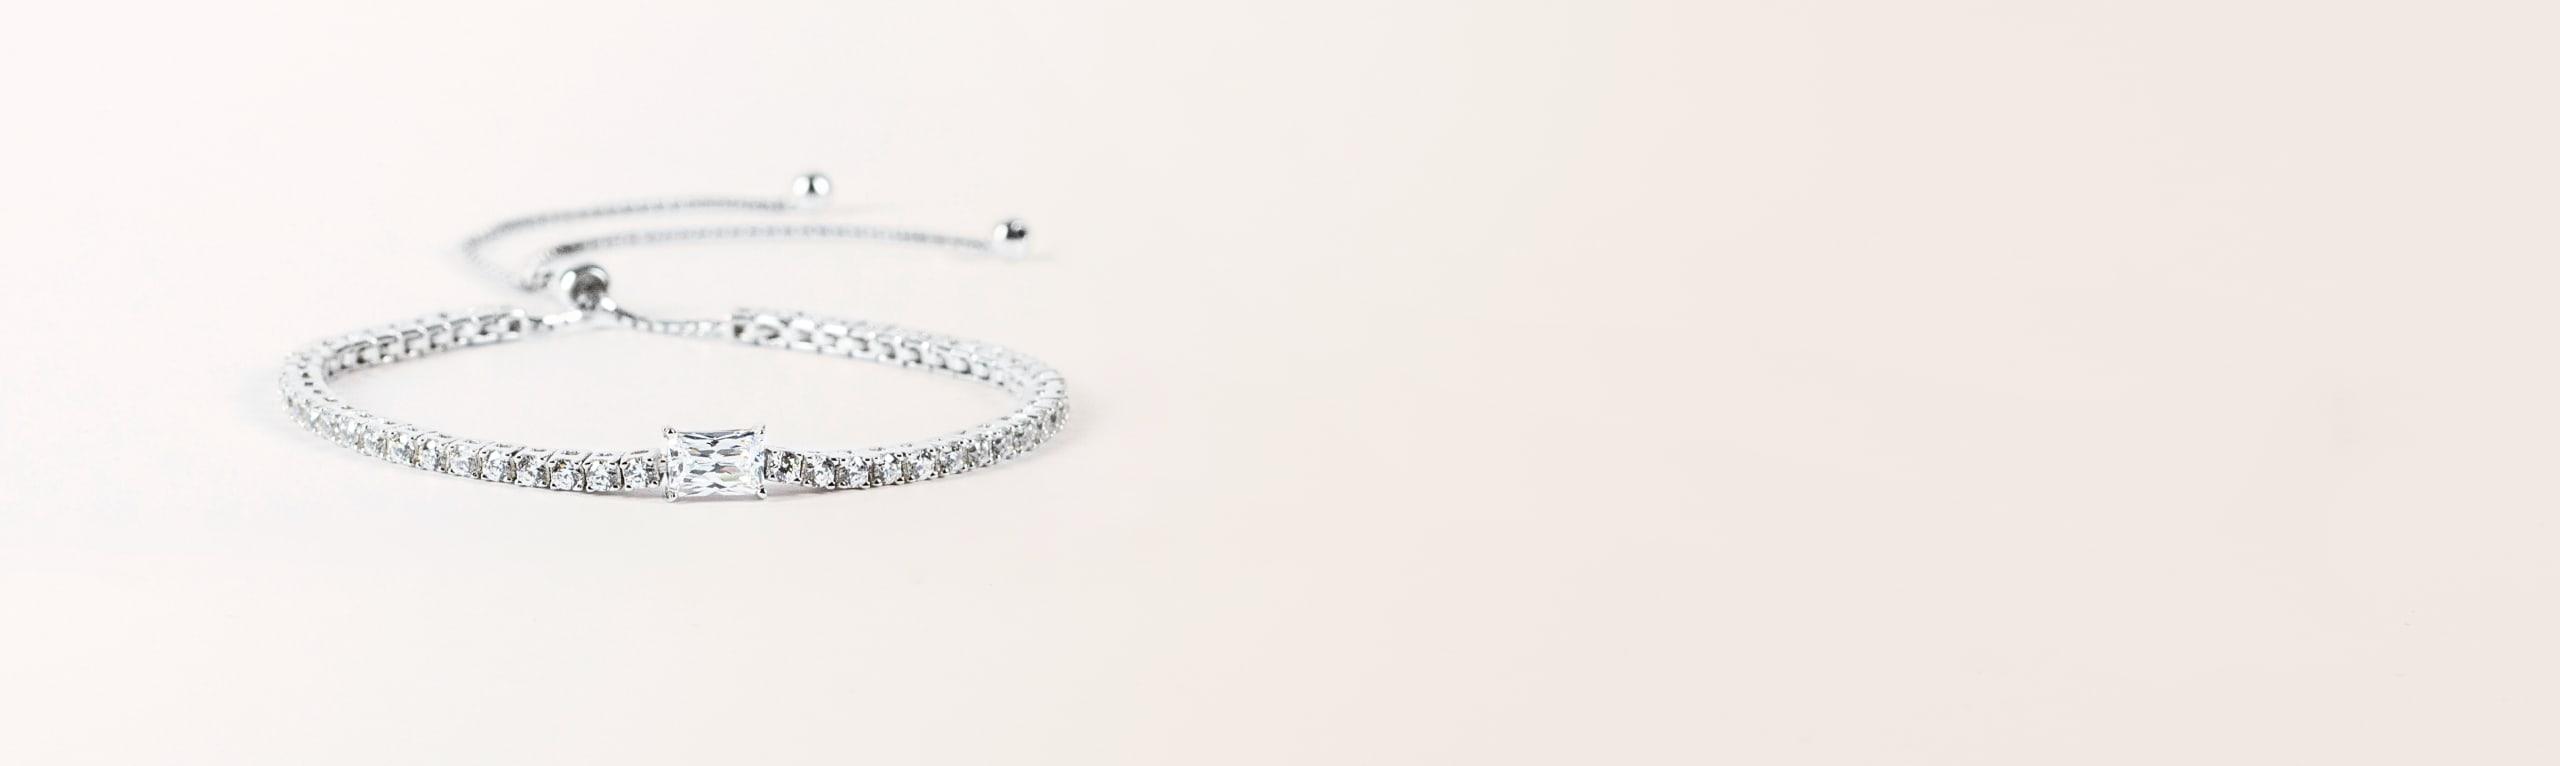 Diamond alternative bracelet gift for $500 or under